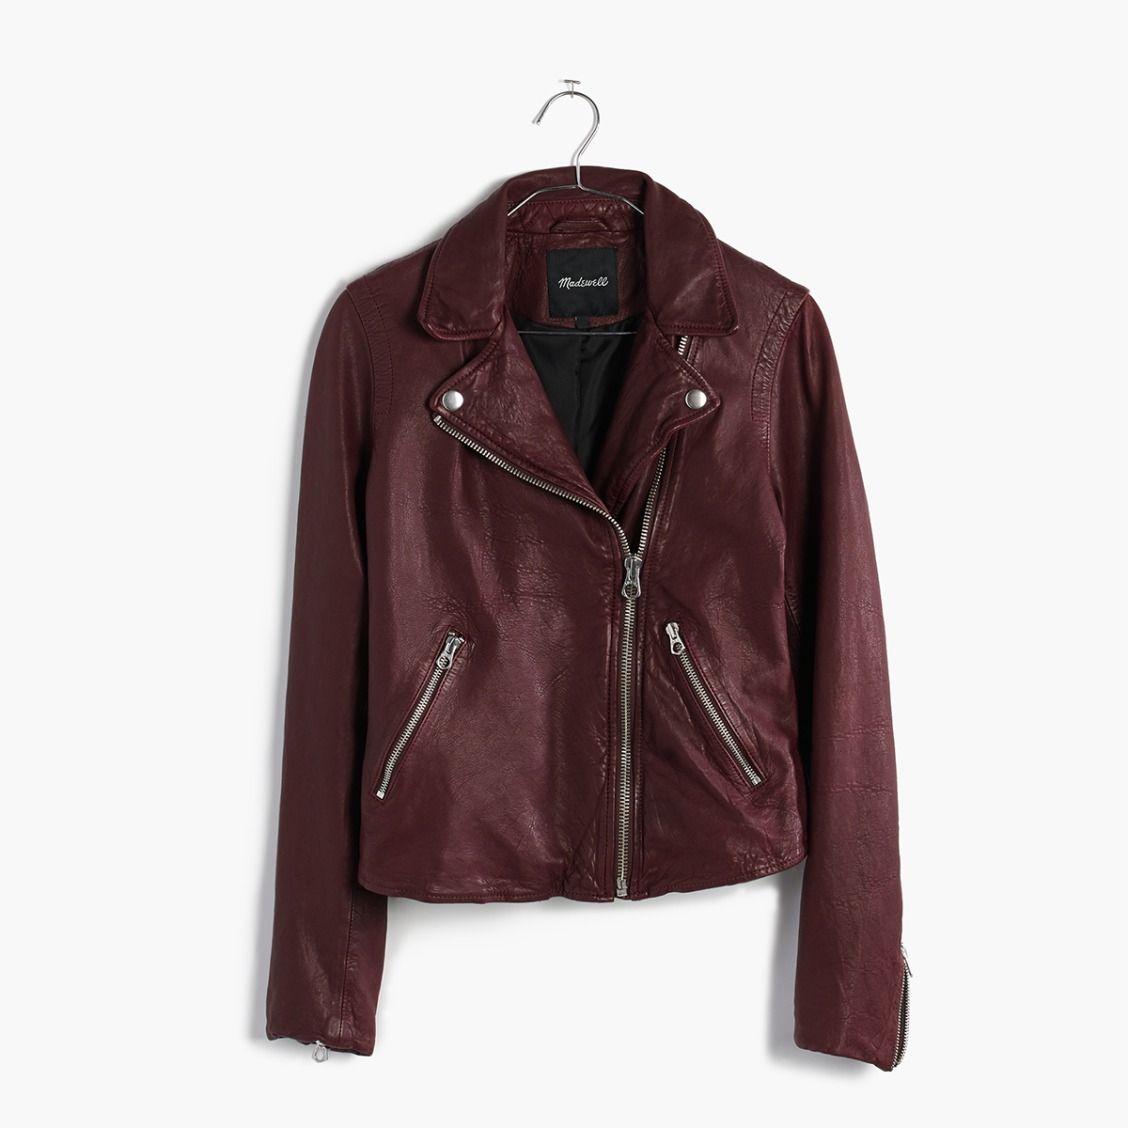 Women S Washed Leather Motorcycle Jacket Washed Leather Moto Jacket Red Jacket Leather Leather Motorcycle Jacket [ 1128 x 1128 Pixel ]